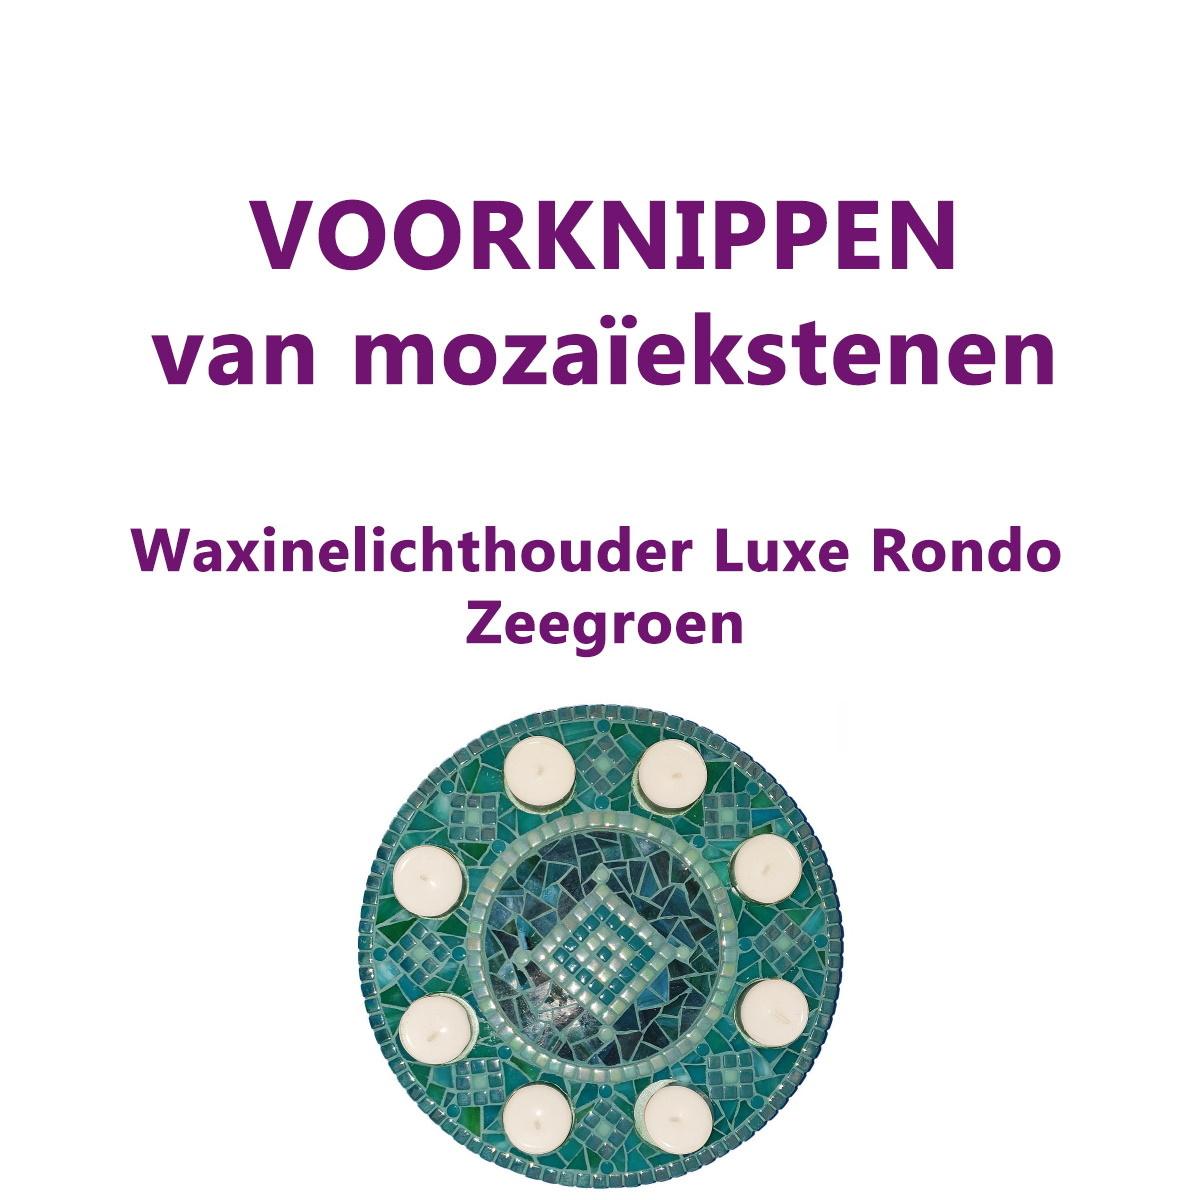 VOORKNIPPEN waxinelichthouder Luxe Rondo Zeegroen